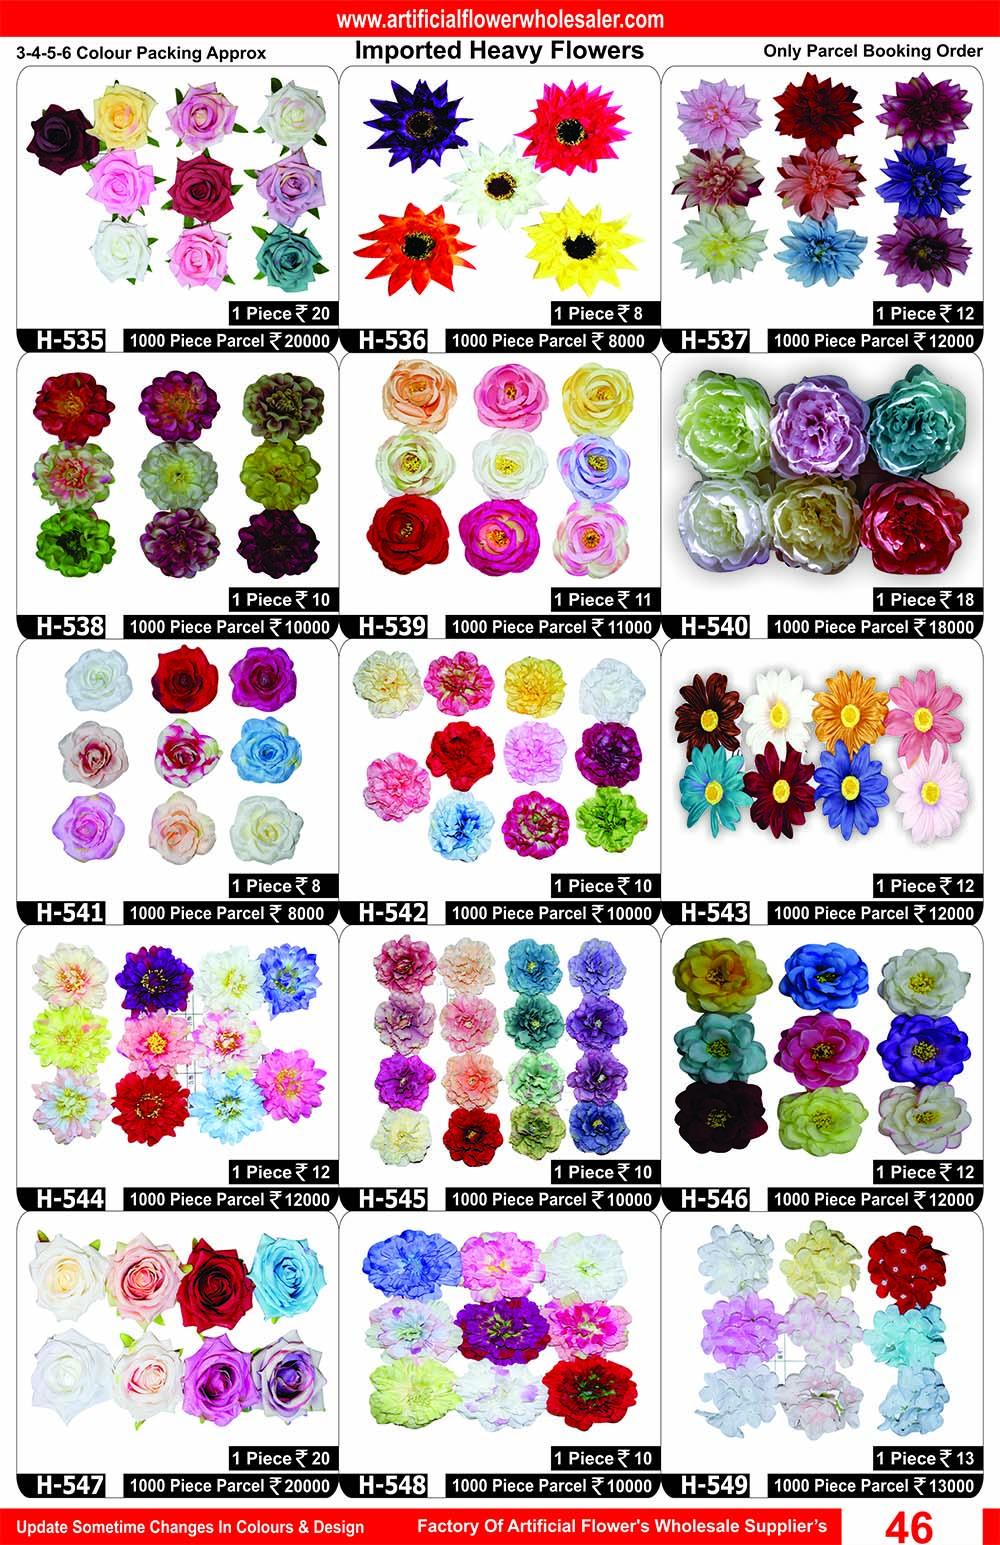 46-artificial-flower-wholesaler